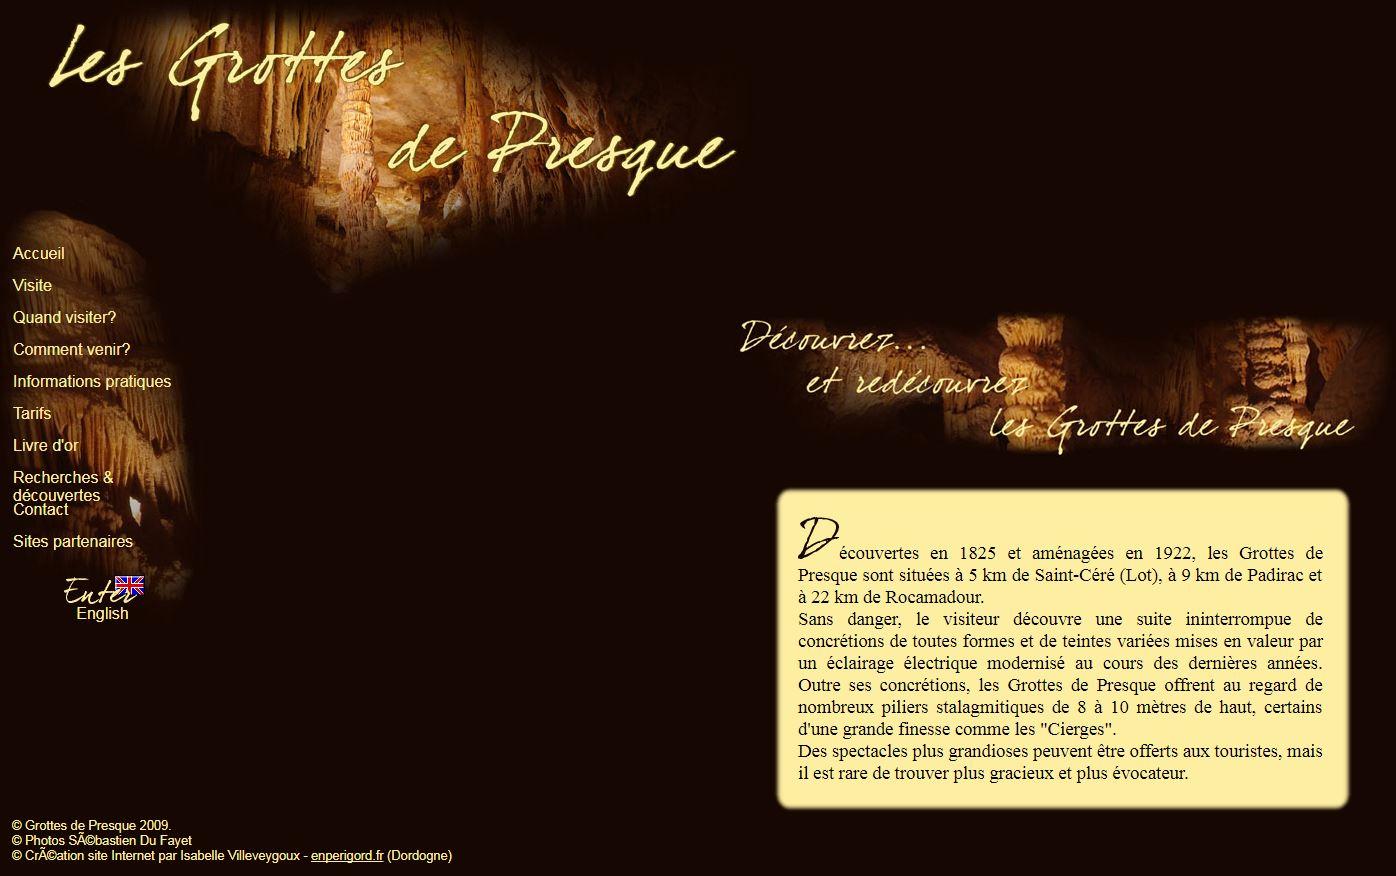 Site Web des Grottes de Presque